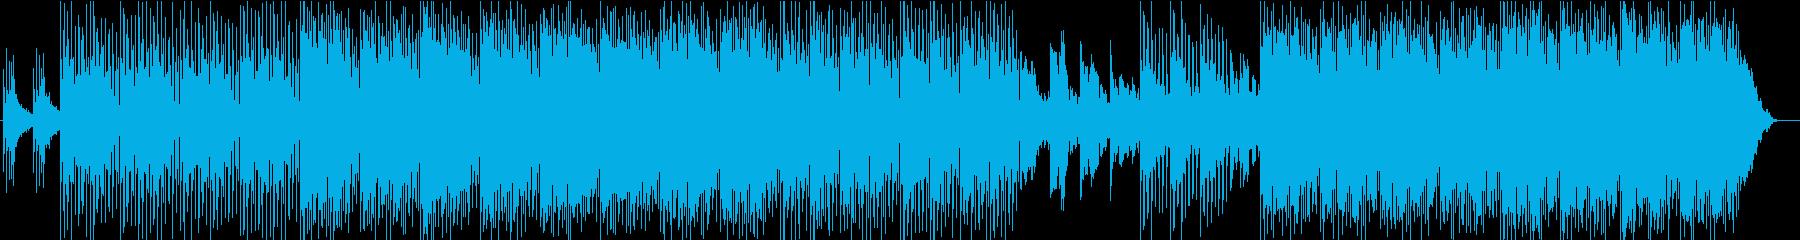 コーポレート ほのぼの 幸せ テク...の再生済みの波形